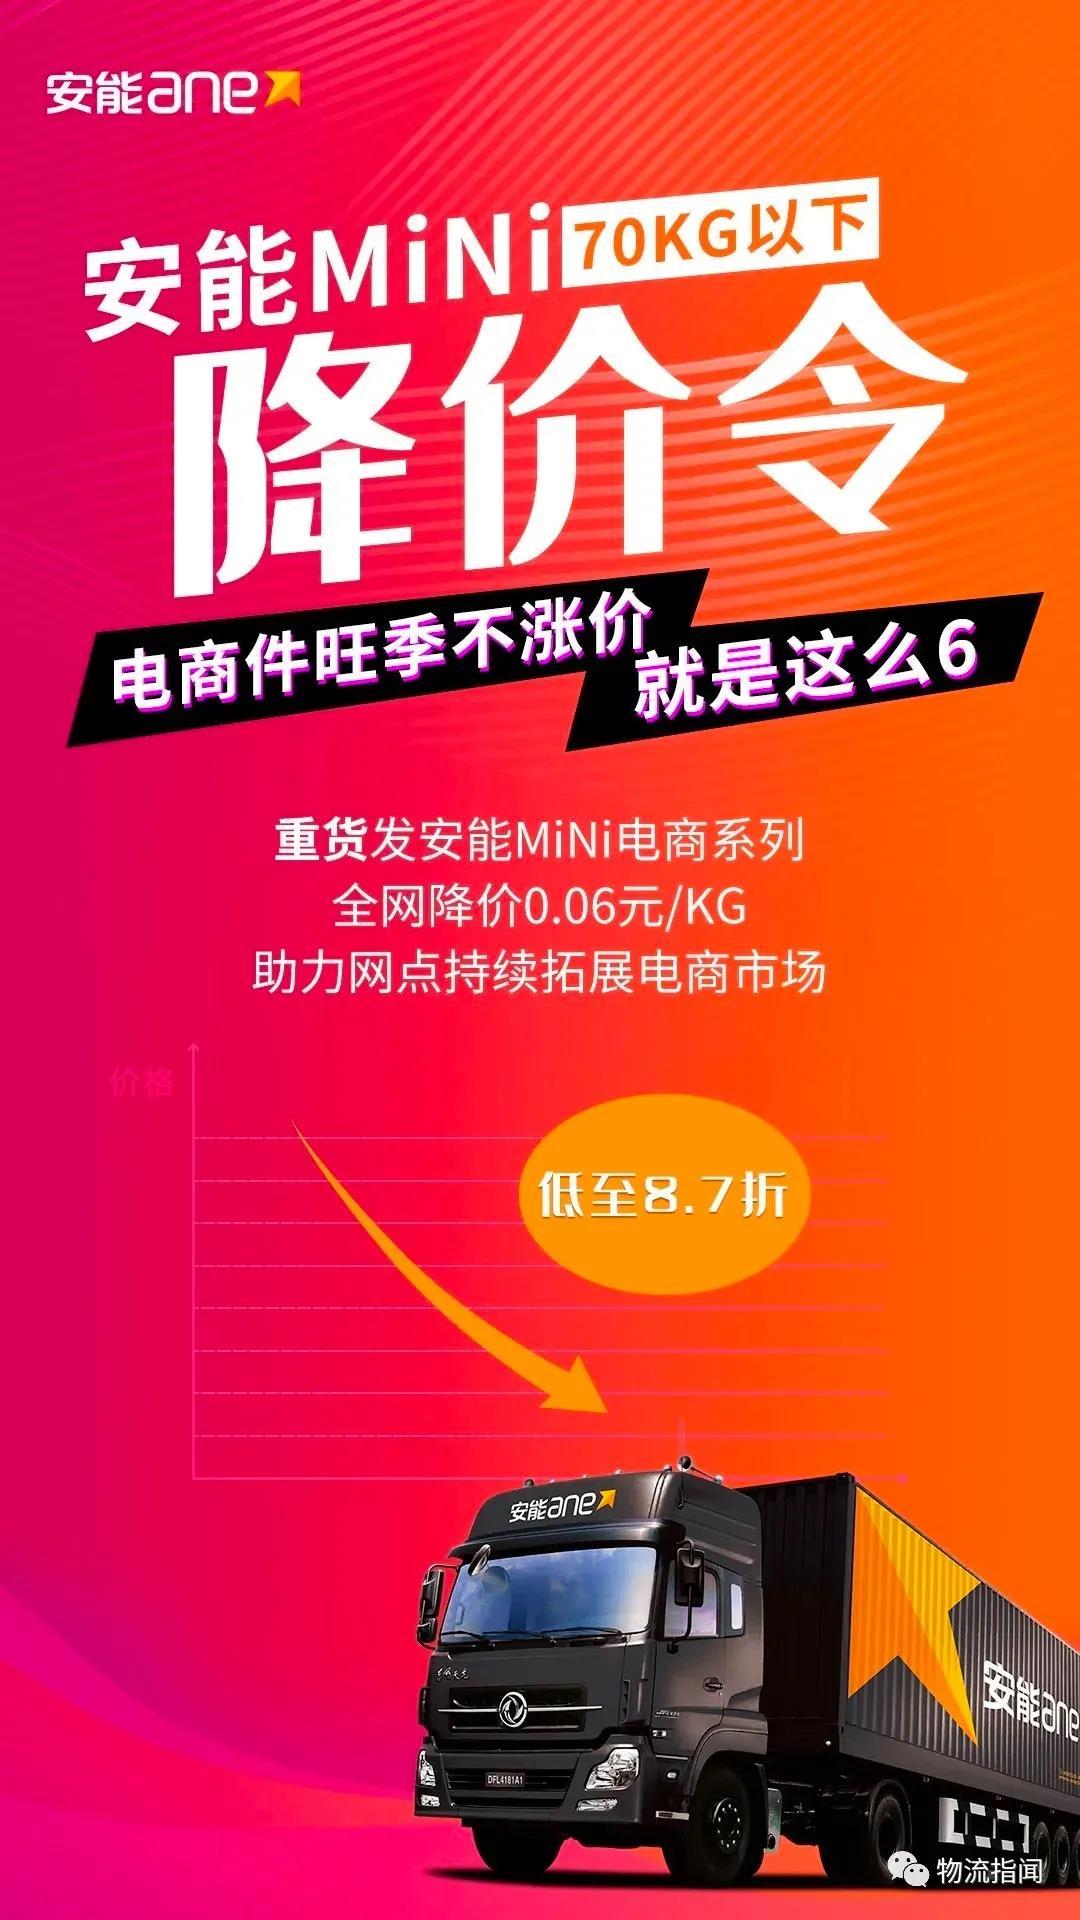 抢货旺季,安能宣布MINI电商系列降价